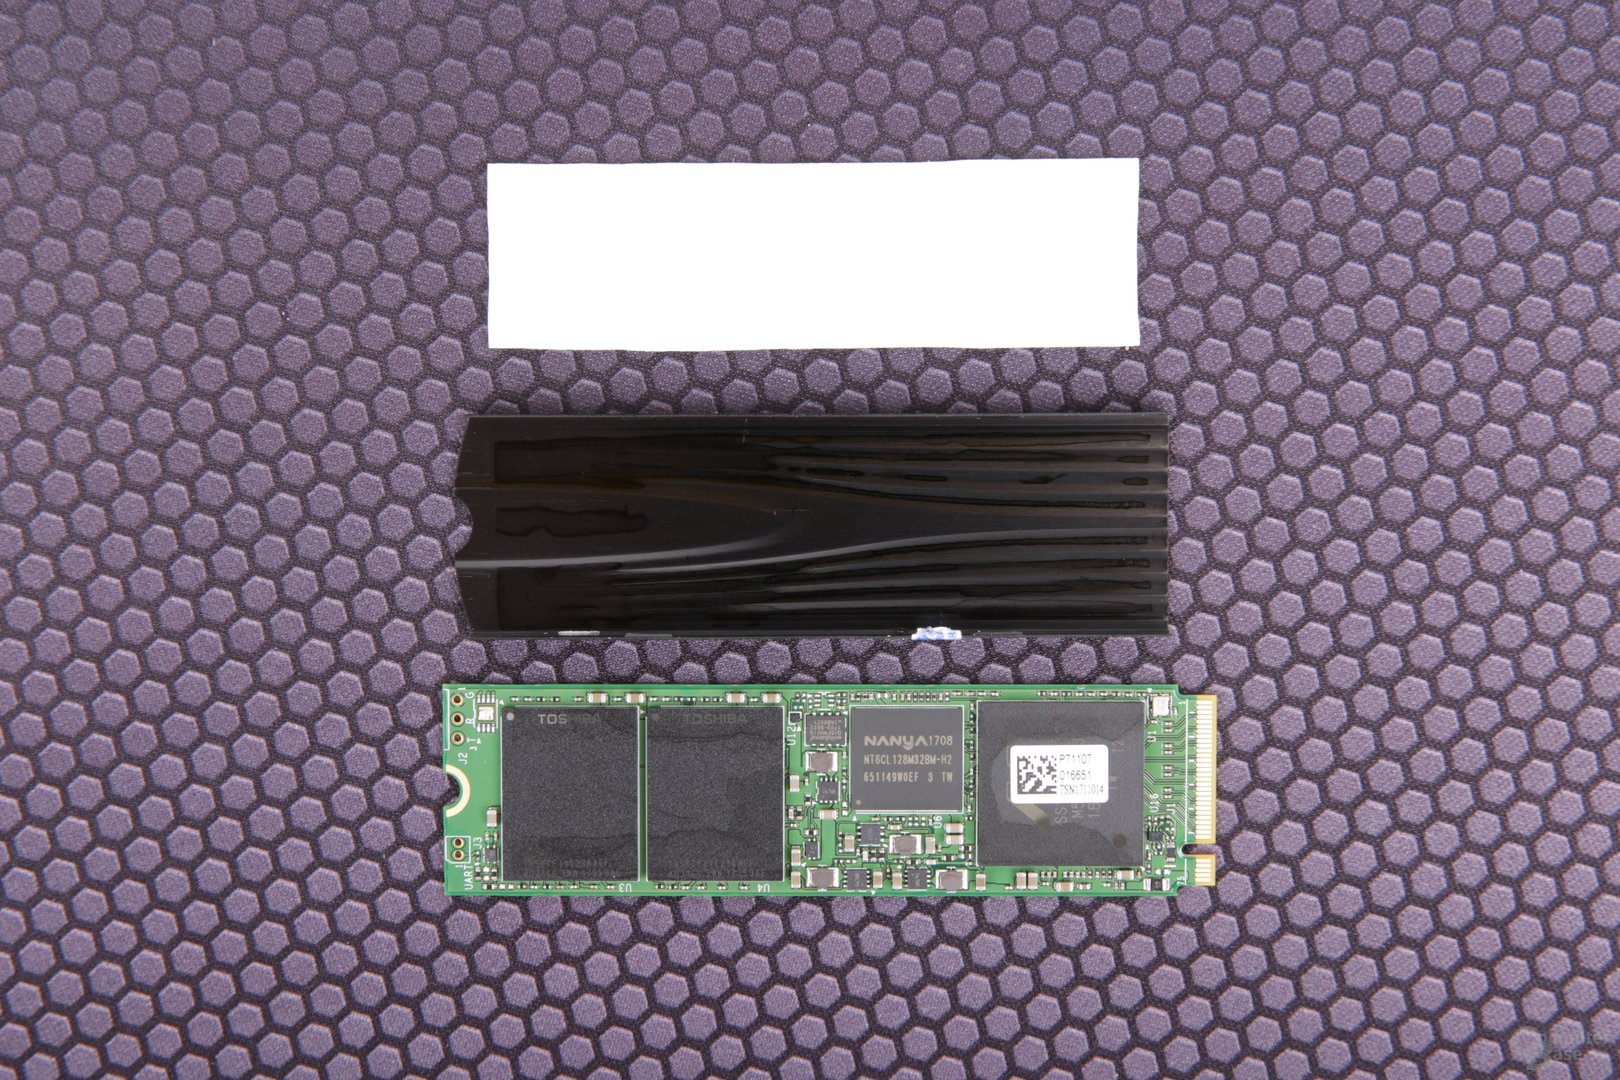 Die Plextor M9Pe(G) mit demontiertem Kühlkörper und Wärmeleitpad